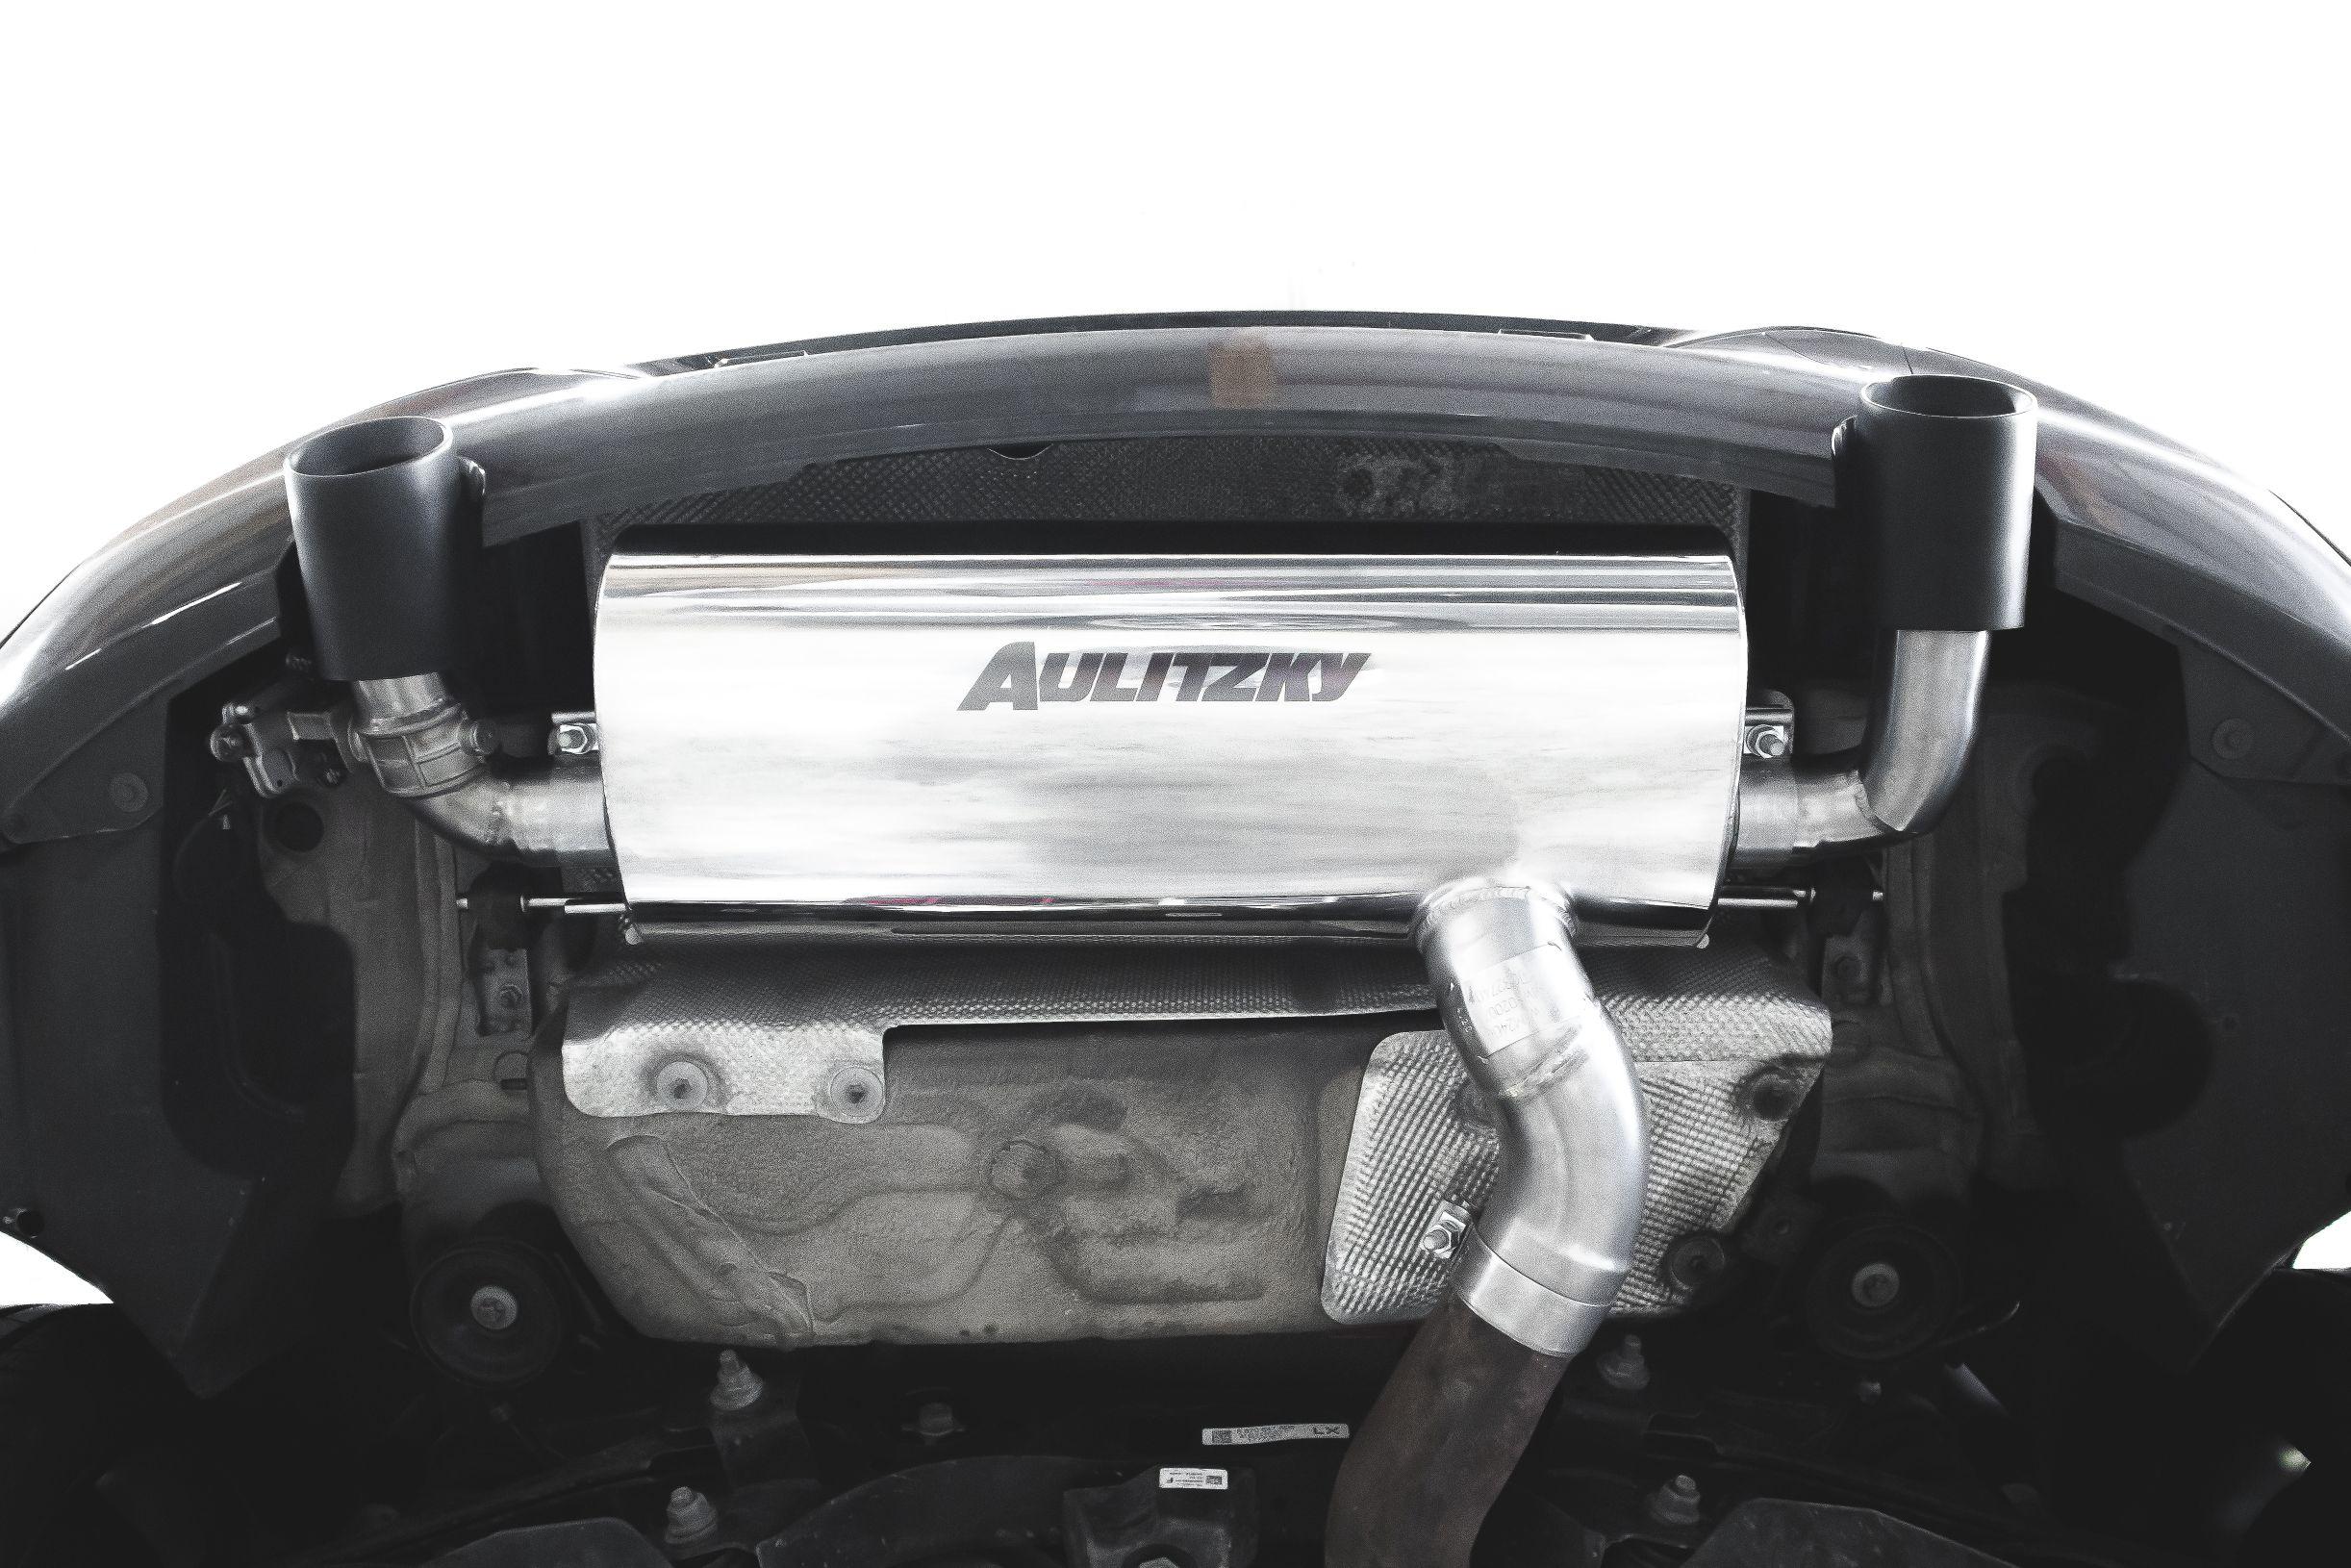 Aulitzky Exhaust | BMW 435i | F32 / F33 / F36 | Endschalldämpfer mit Klappensteuerung TÜV